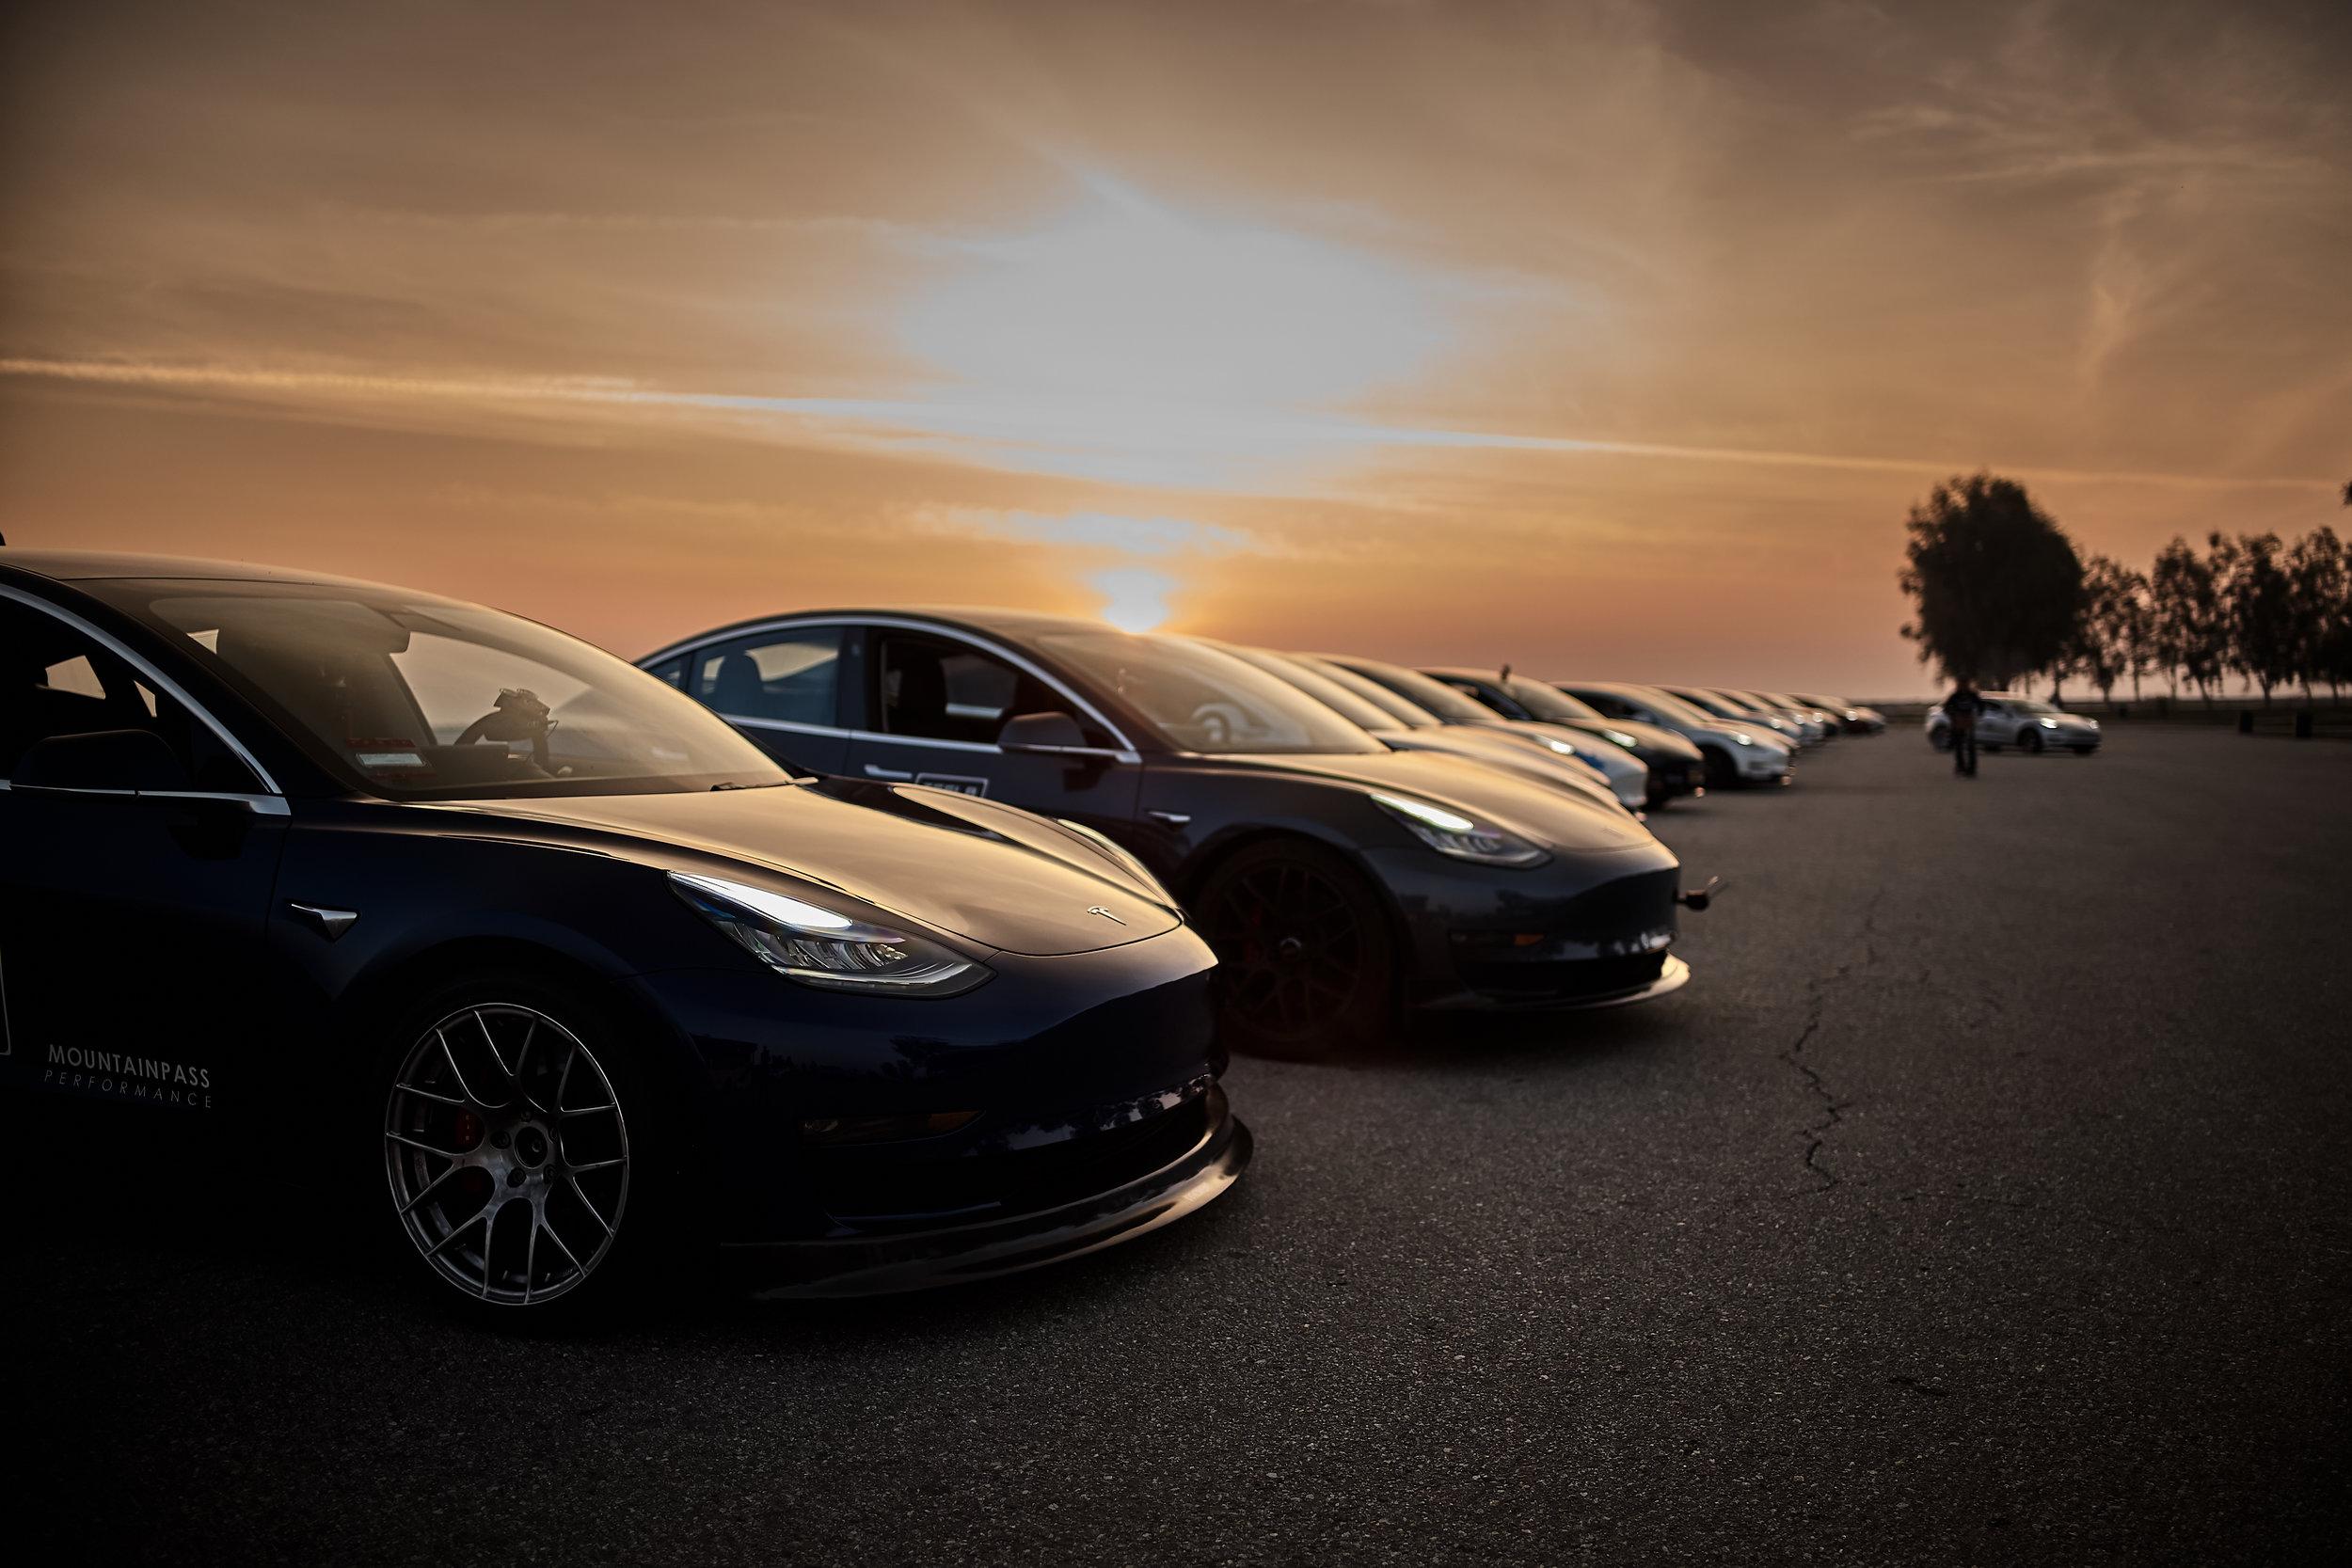 TeslaCorsa_ALPHOTO 6.jpg